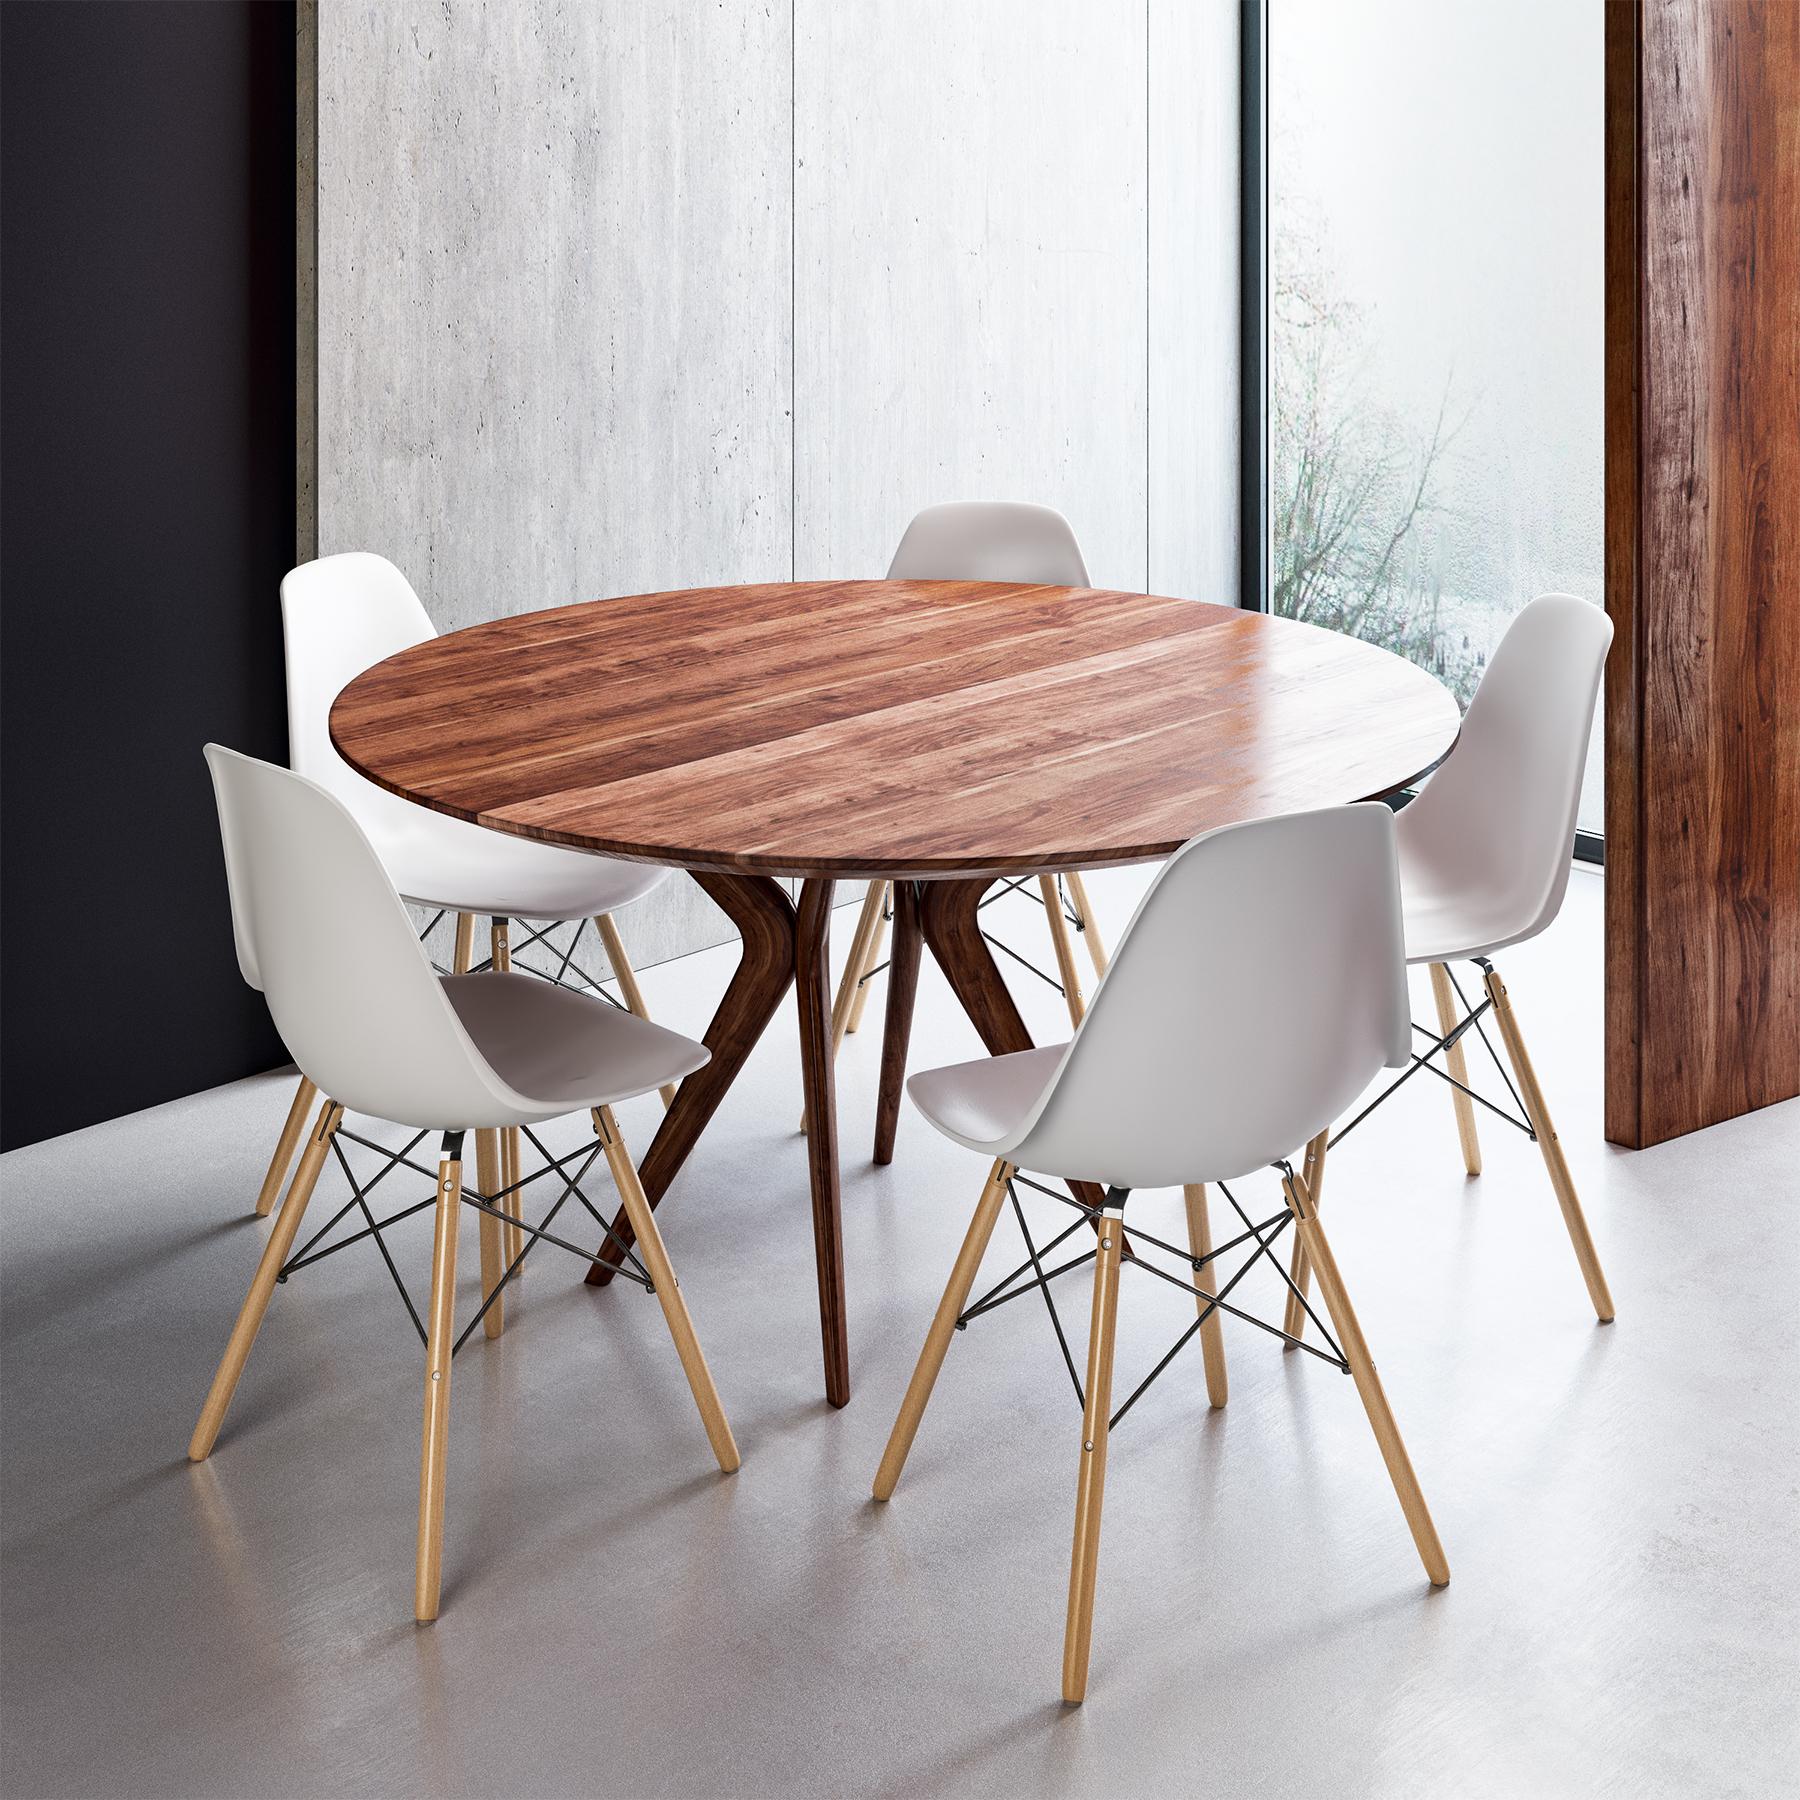 Eamas Chair